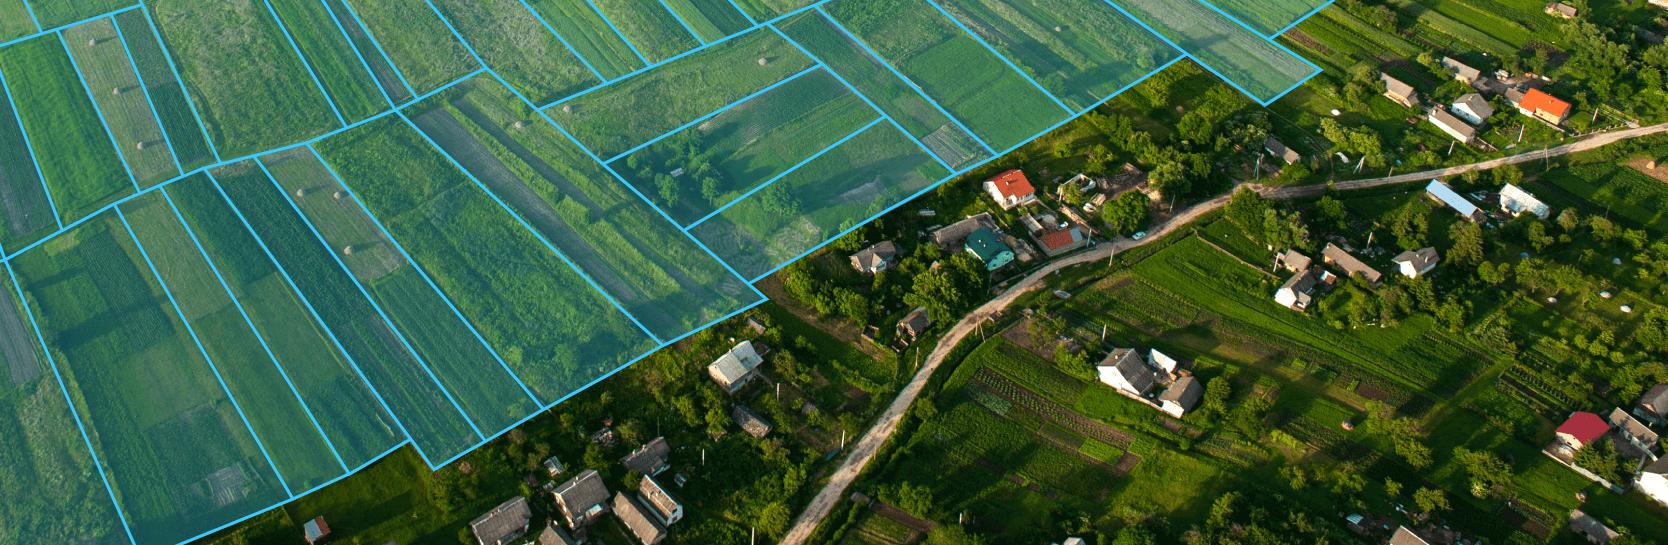 Детальна аналітика земельних ресурсів